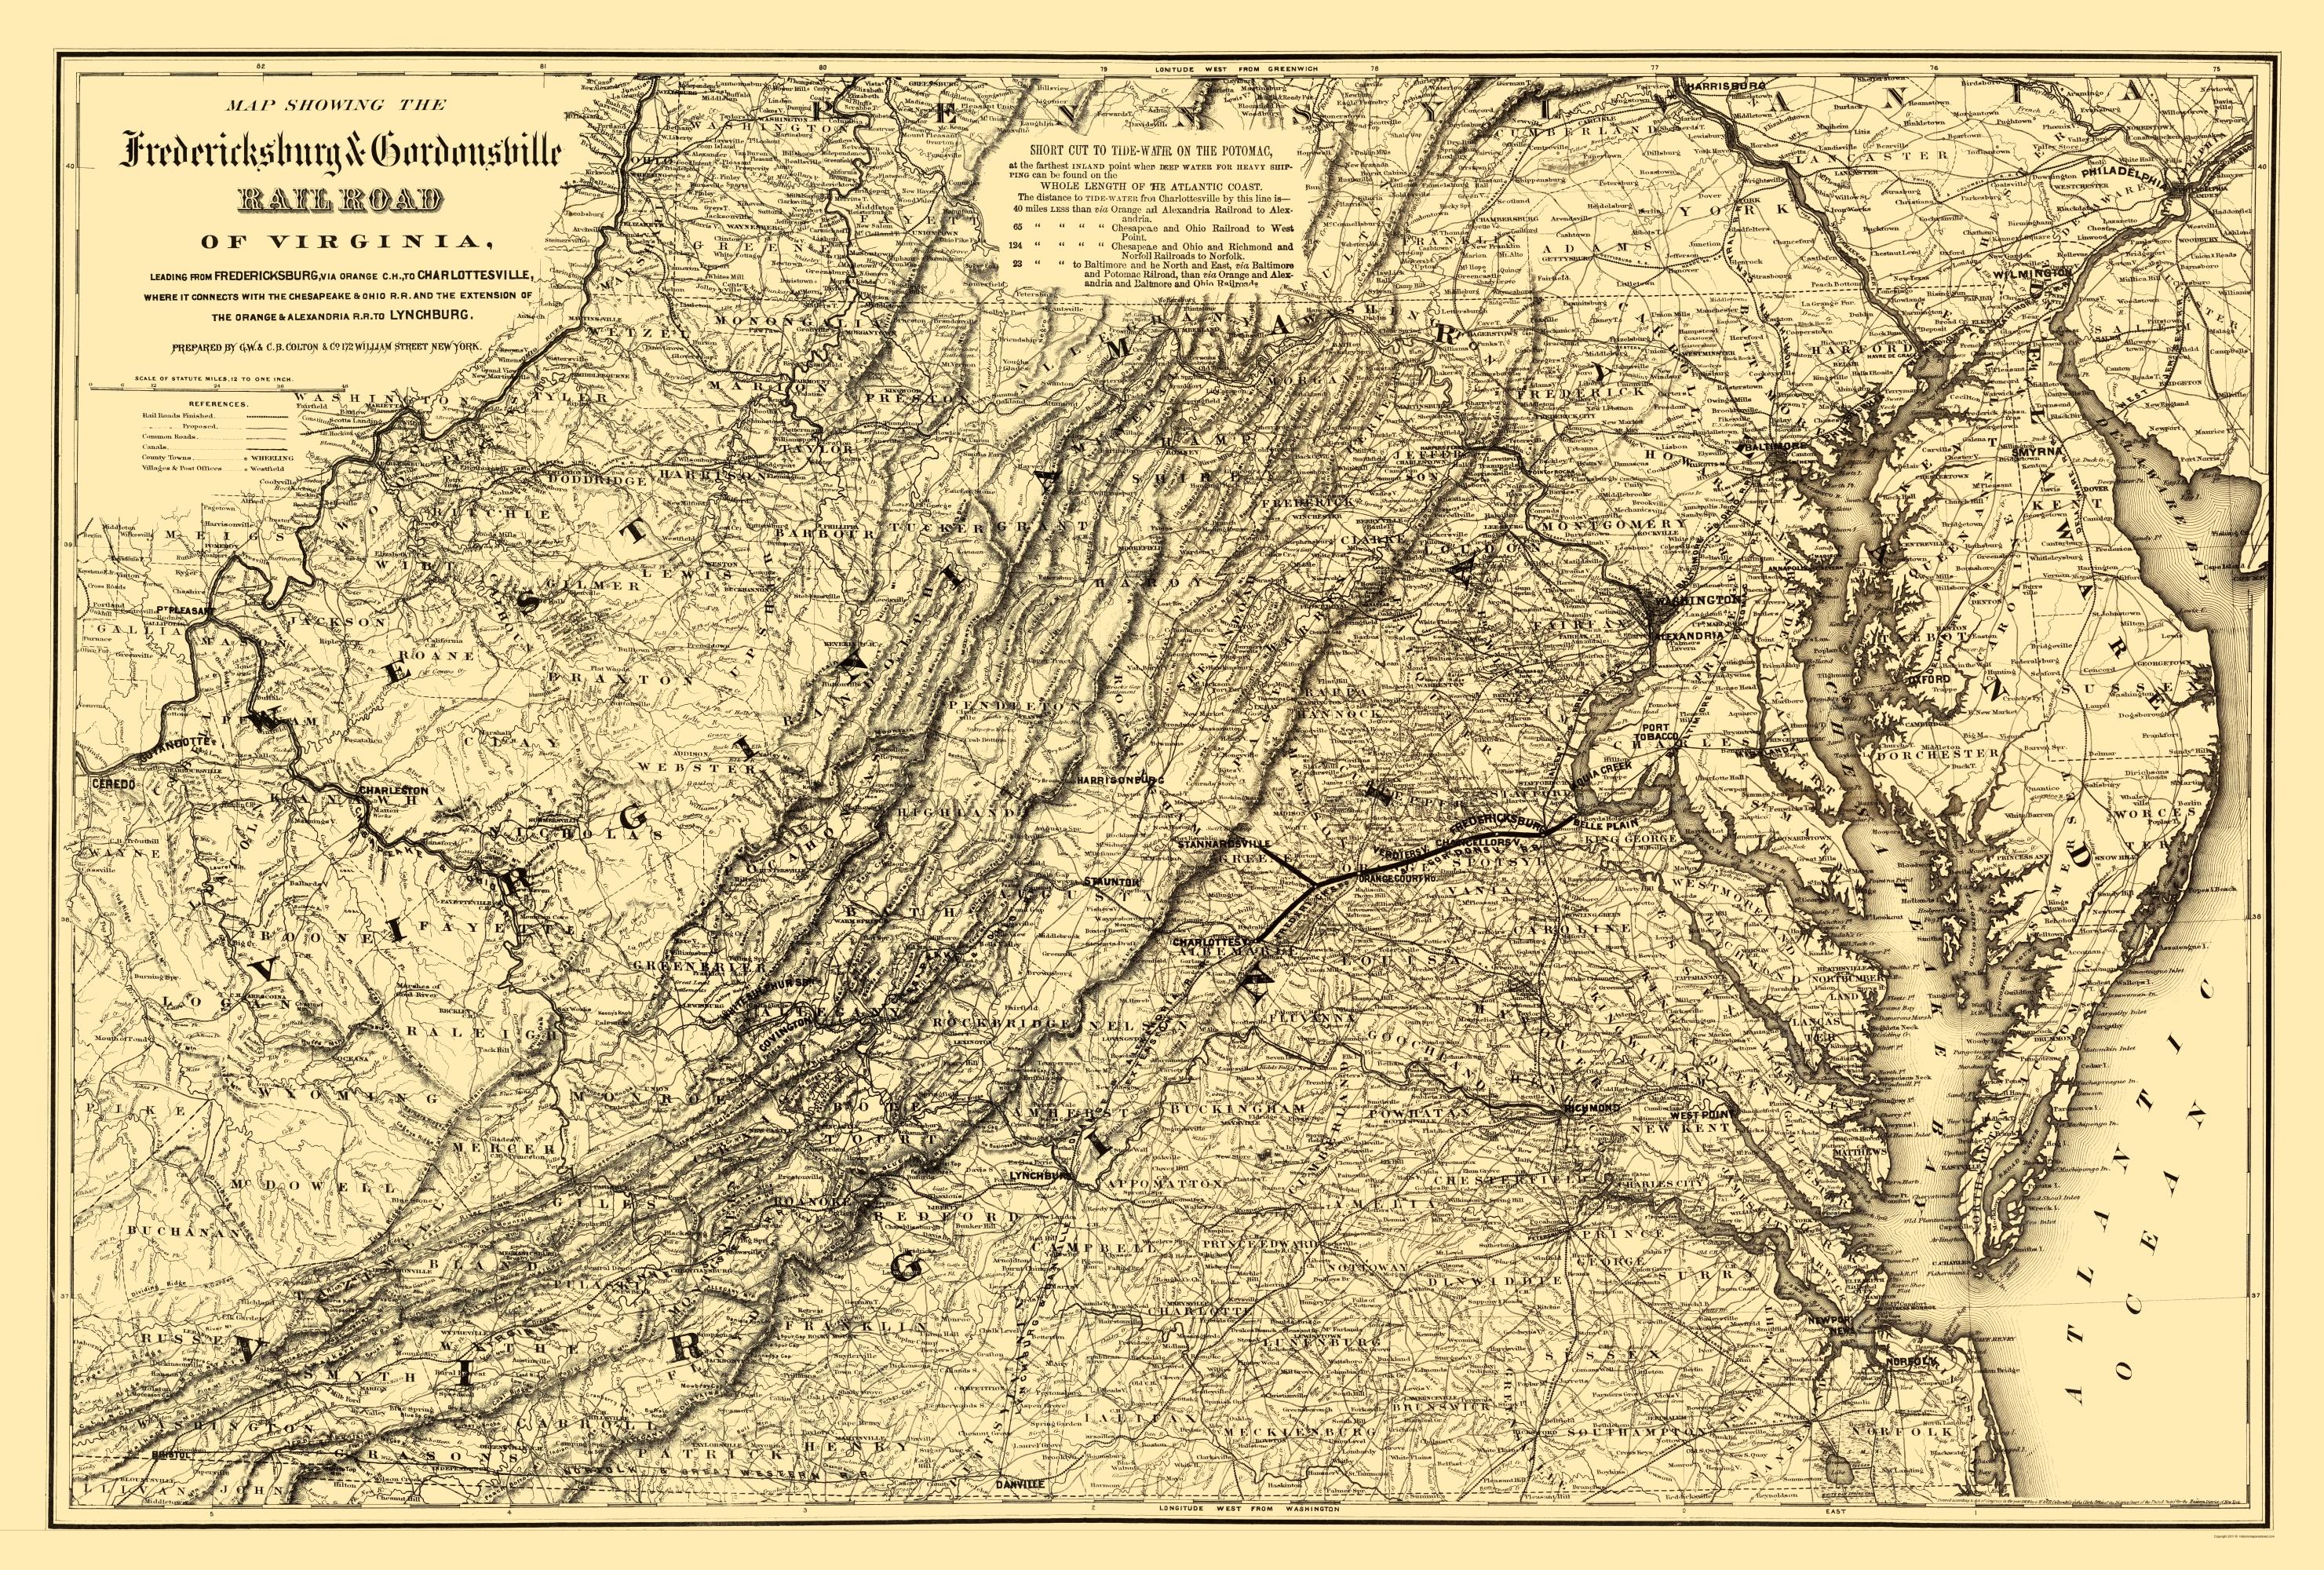 Old Map Fredericksburg Gordonsville Railroad 1869